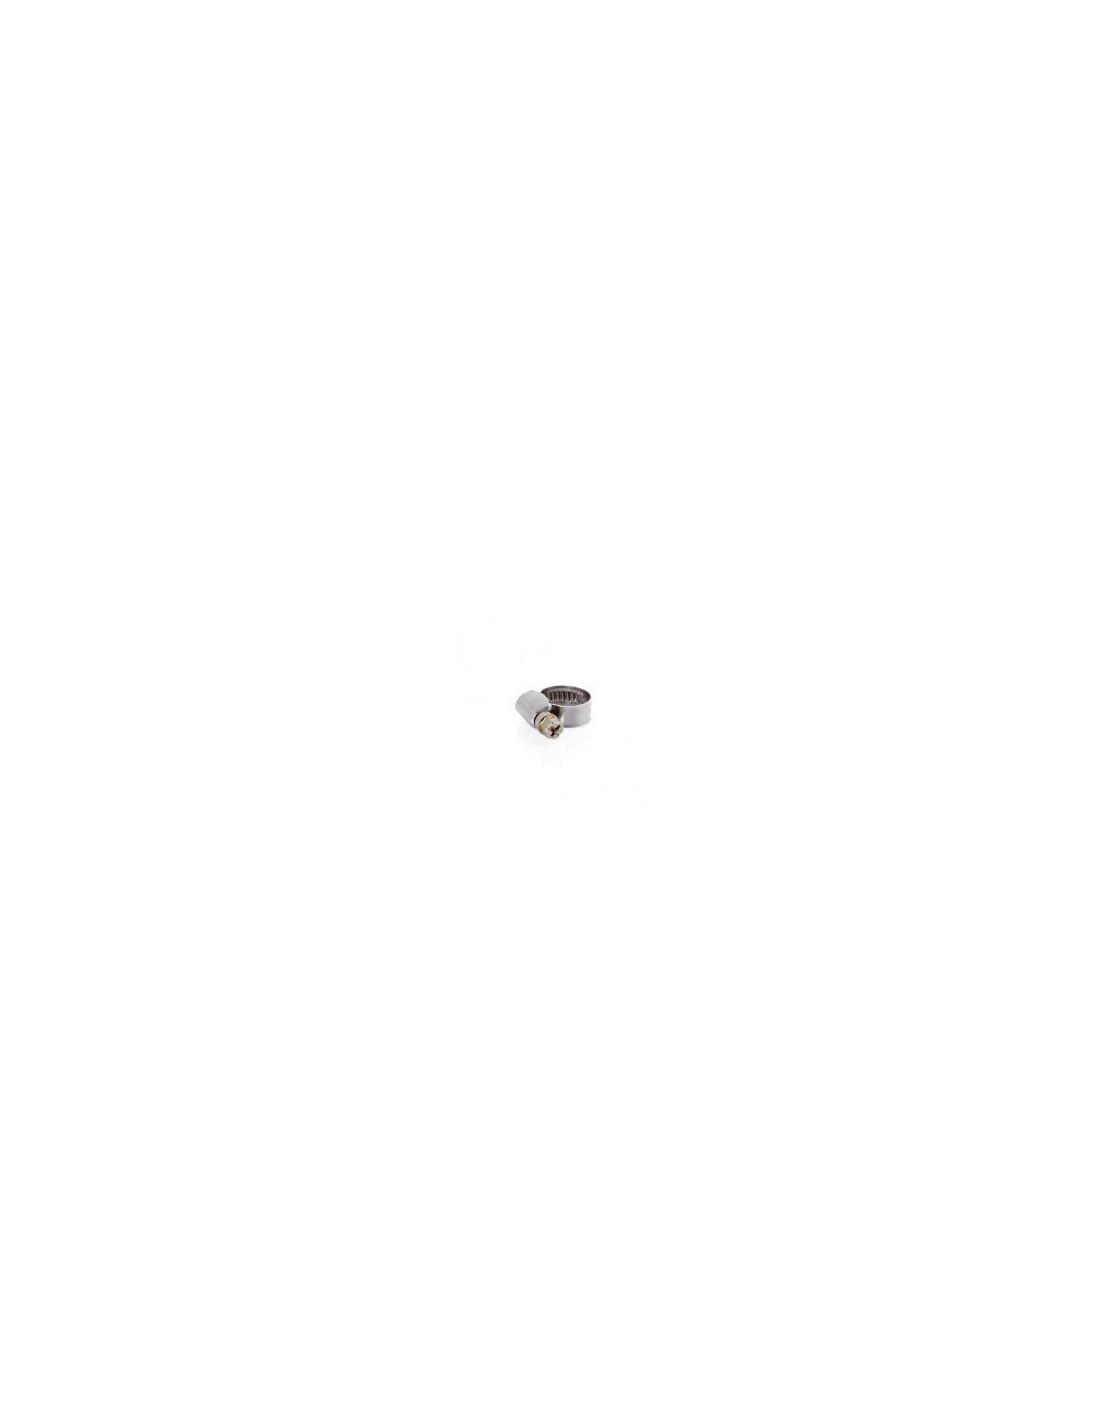 SPO00251 - Slangklämma 10-16 mm